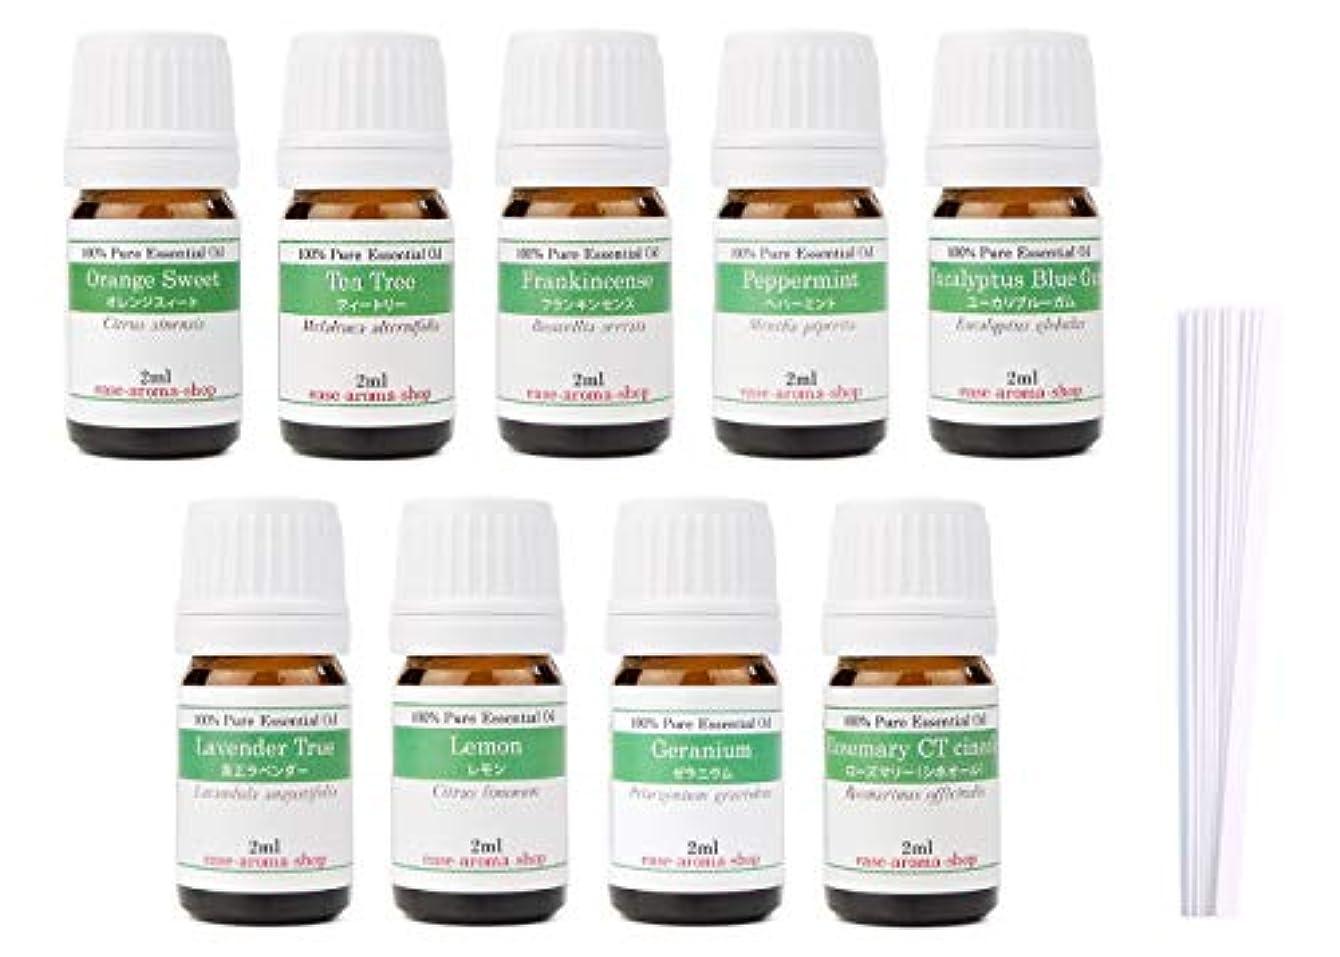 ページェント伝統控える【2019年改訂版】ease AEAJアロマテラピー検定香りテスト対象精油セット 揃えておきたい基本の精油 2級 9本セット各2ml